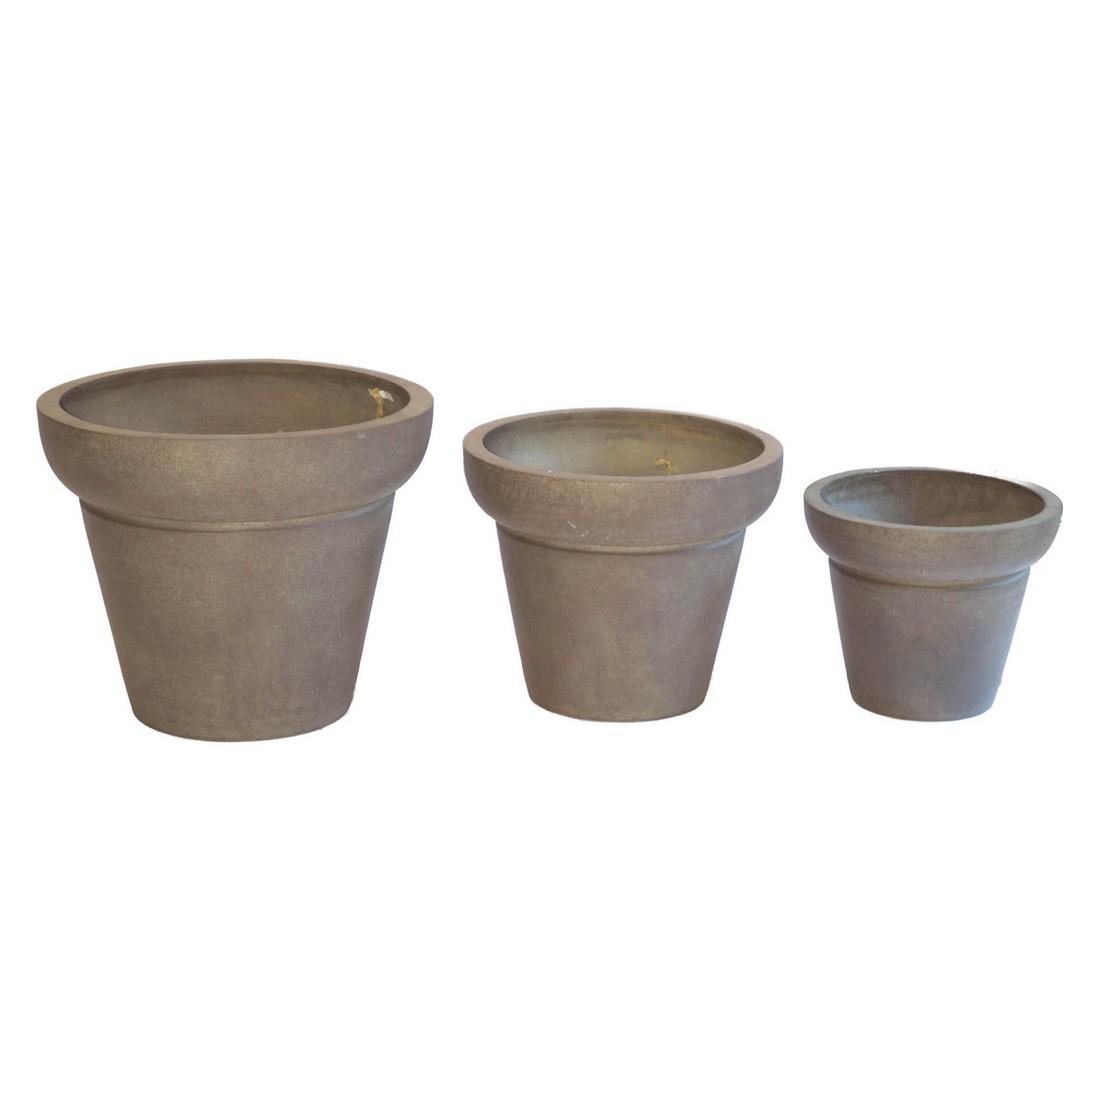 Pflanzkübel Cappuccino – Kunststoff – Design Rund City – Höhe: 41 cm Ø: 50 cm (einzeln), Viducci's Garden kaufen